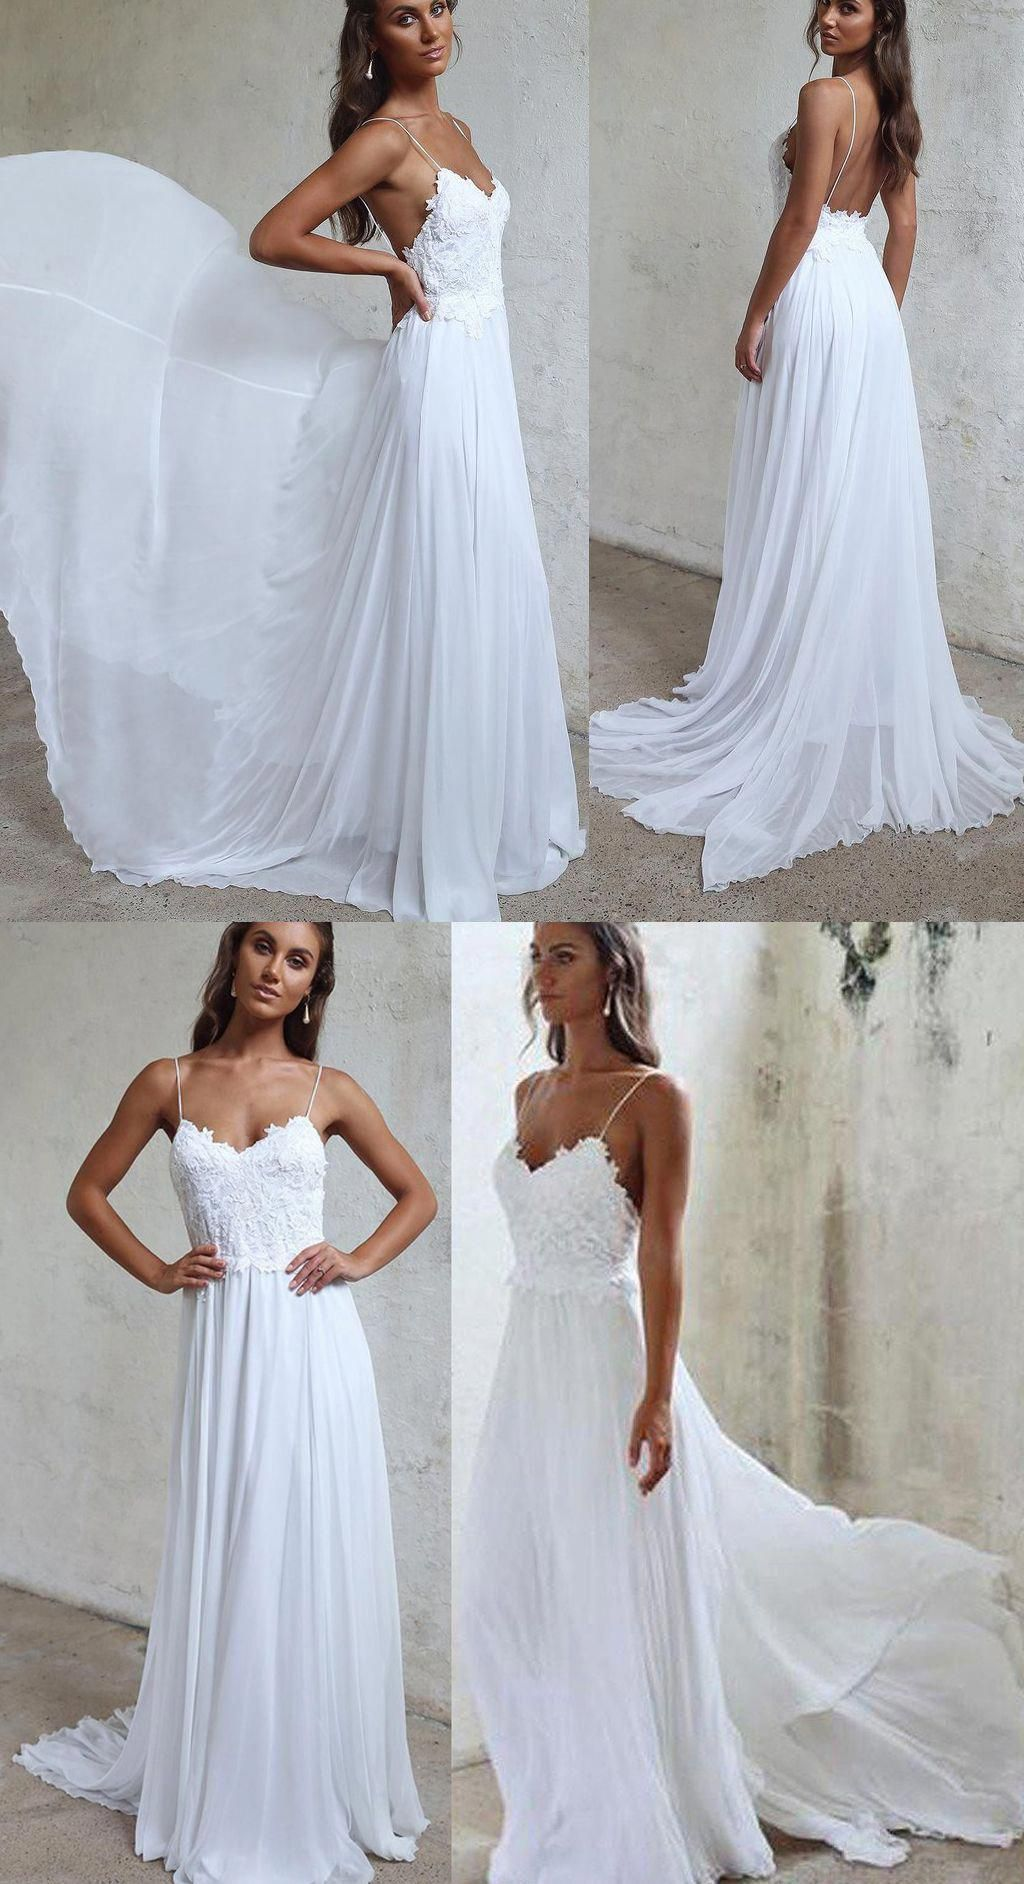 c1a83f8a0fae Boho Spaghetti Straps Beach Wedding Dress, Long Chiffon Bridal Dress with  Lace W44 #whiteweddingdress #spaghettistrapbridaldress #fashion #women  #chiffon ...